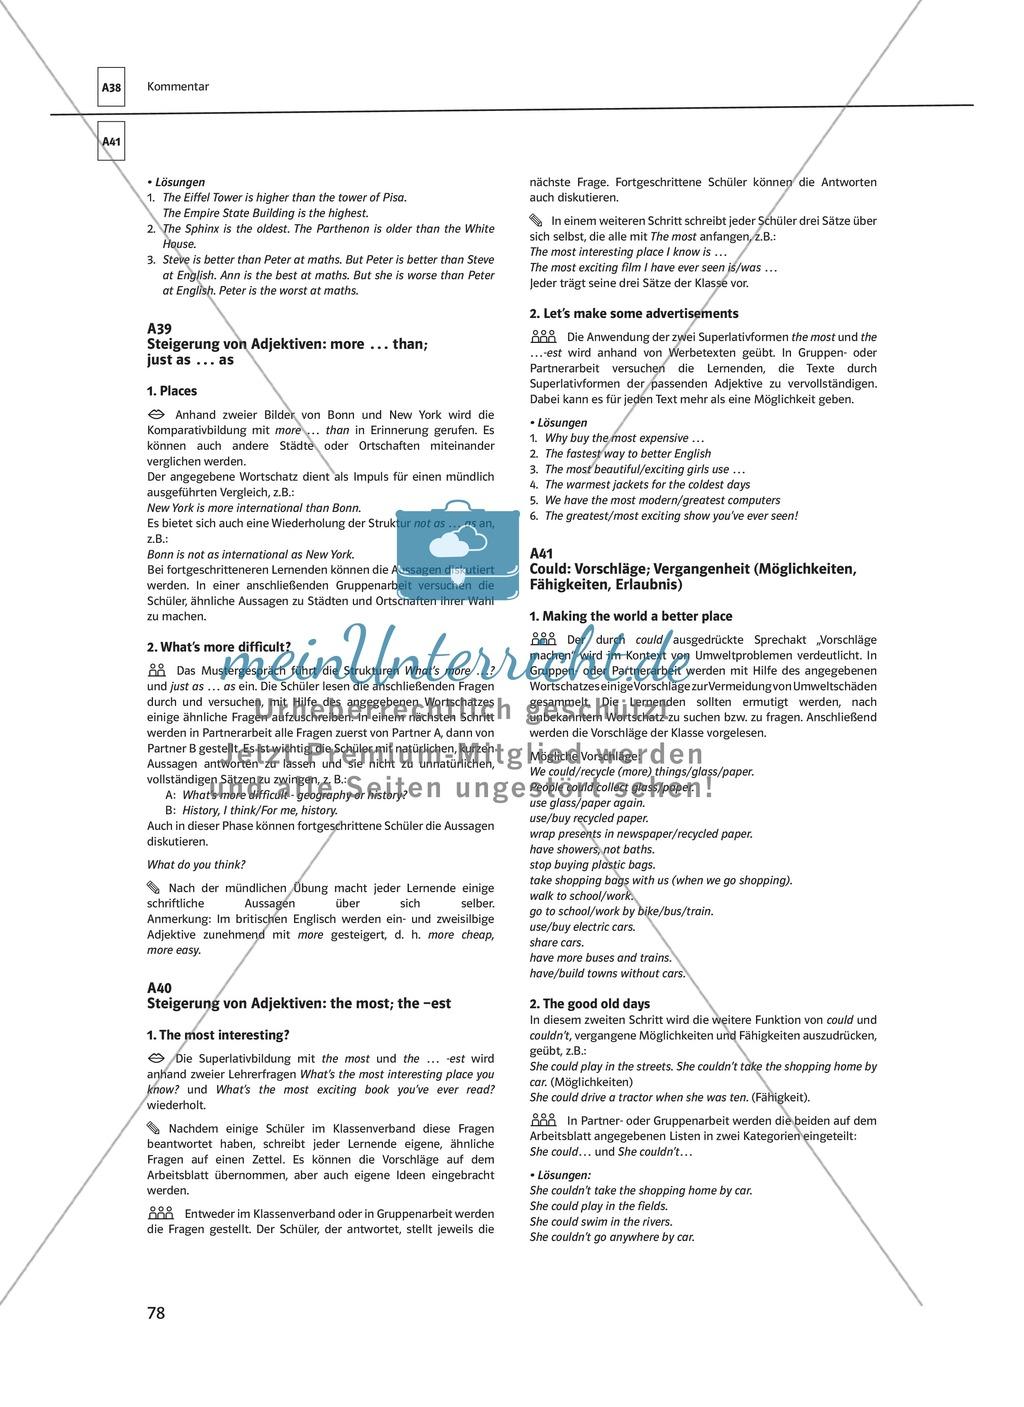 Arbeitsblätter für einen kommunikativen Grammatikunterricht: Steigerung von Adjektiven Preview 5